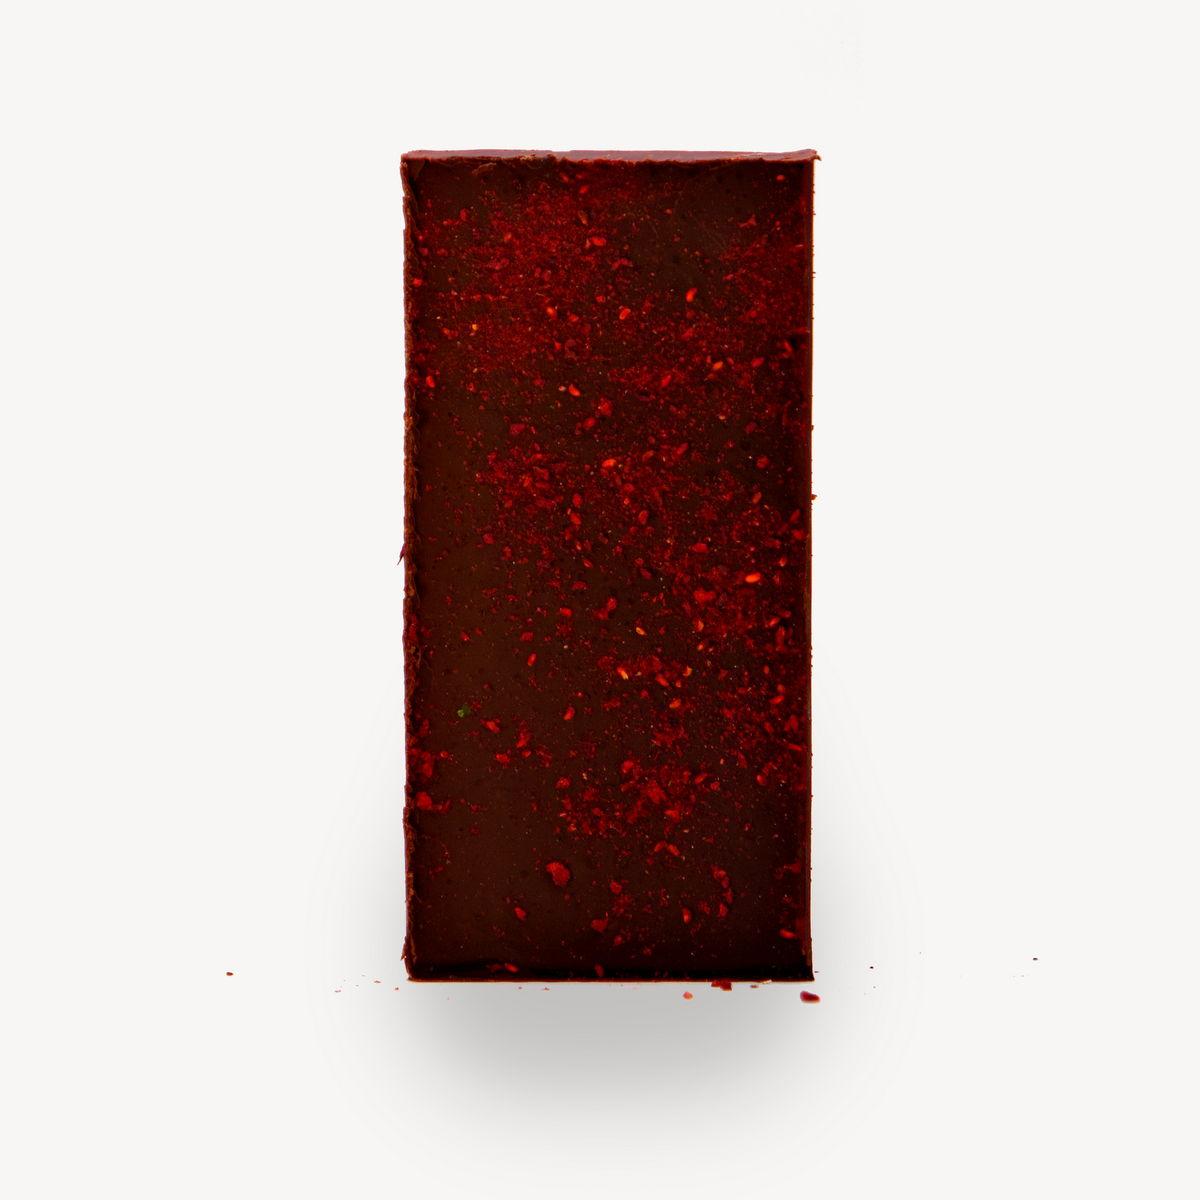 Σοκολάτα Cocoowa Dark to Dark, φωτογραφία προϊόντος χωρίς το περιτύλιγμα.